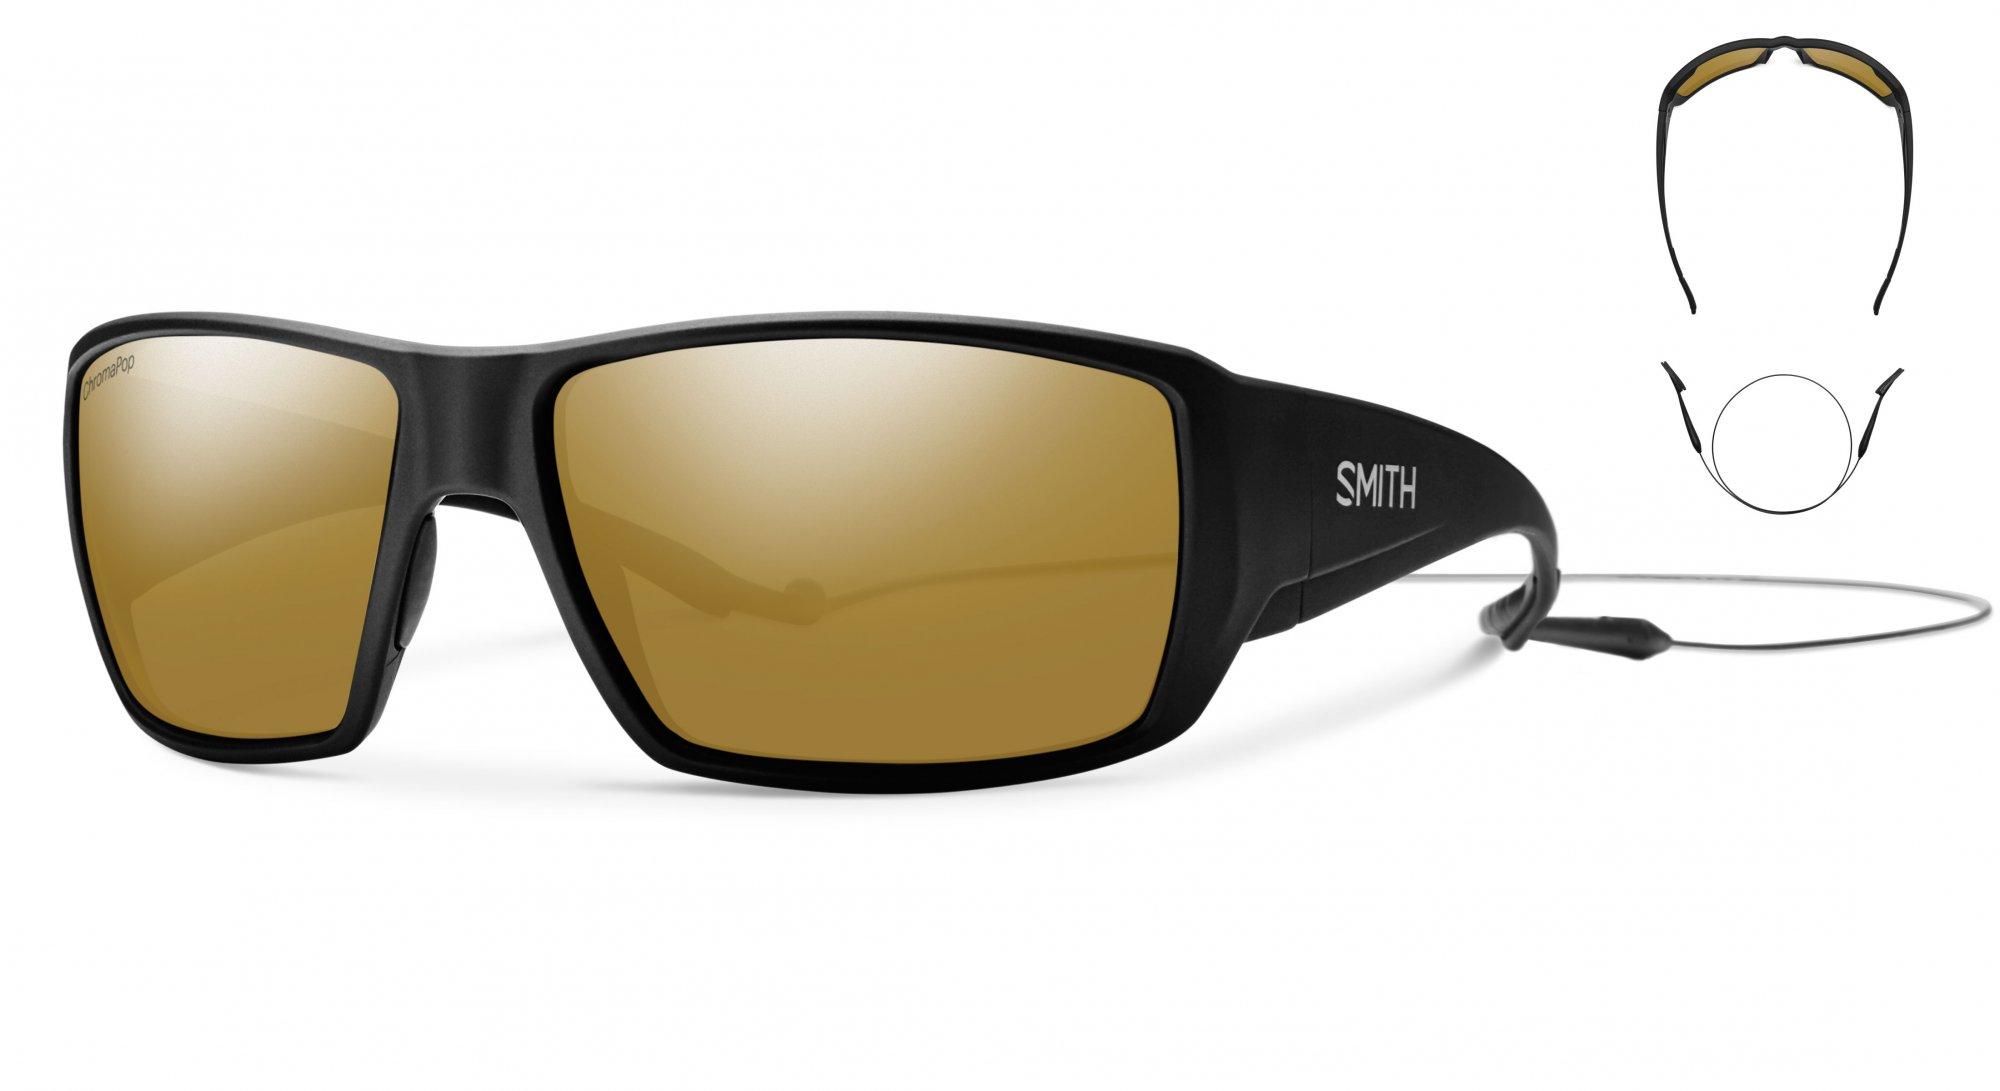 Smith Sunglasses Premium Leash